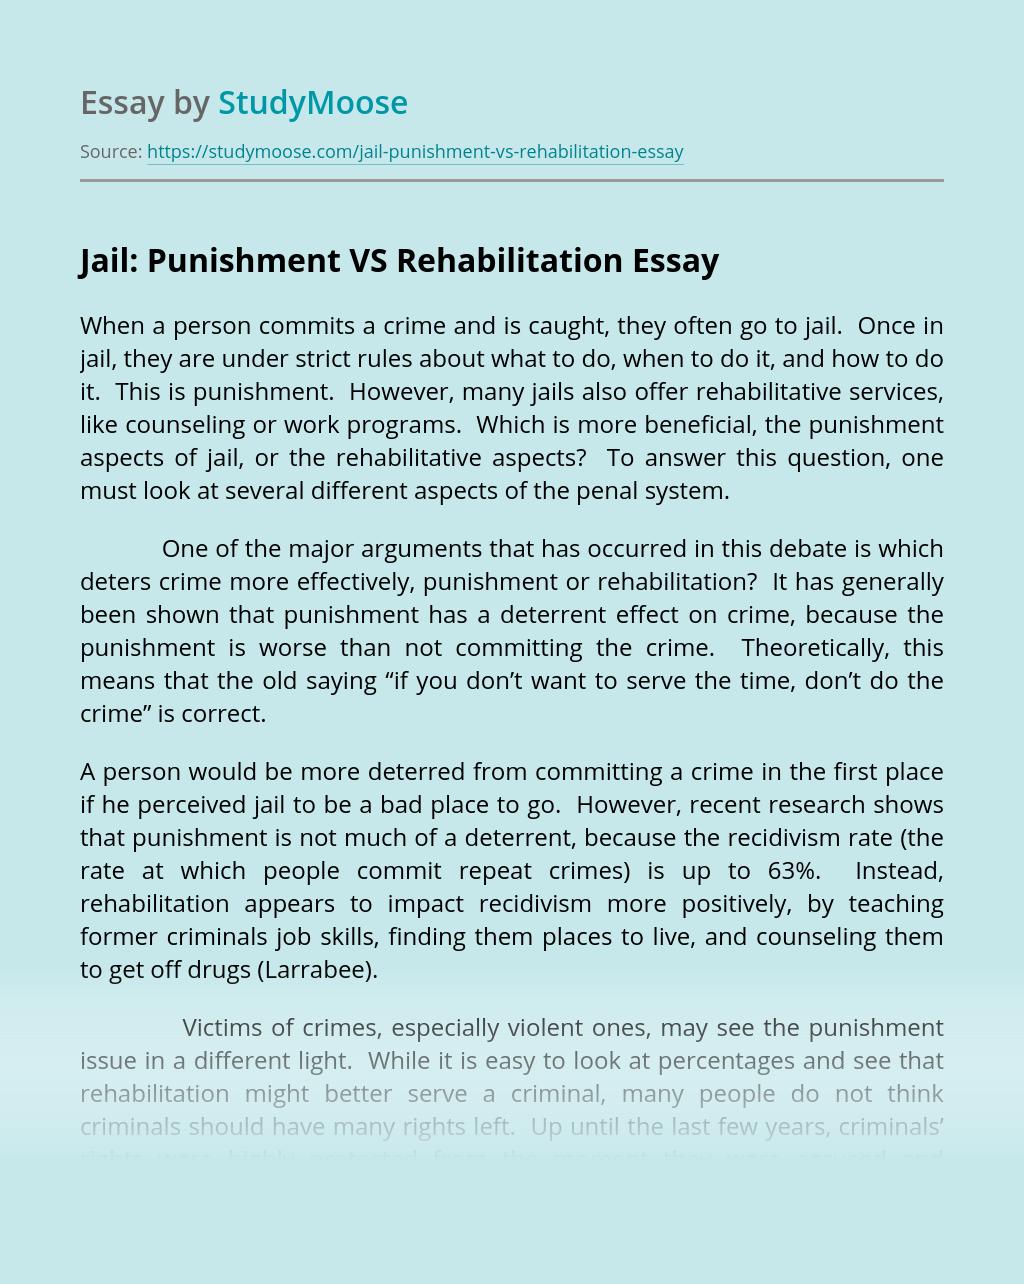 Jail: Punishment VS Rehabilitation